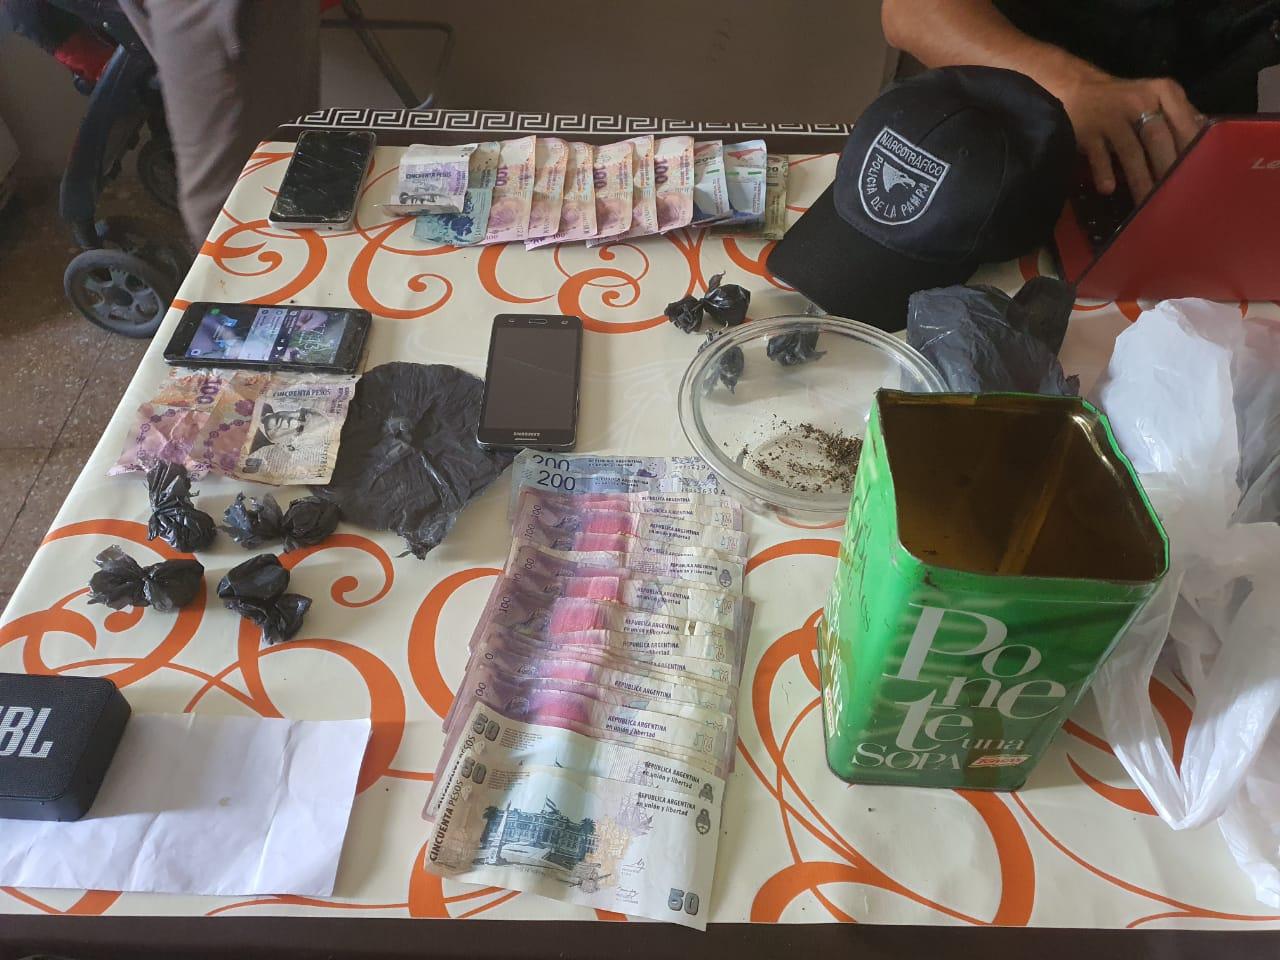 Se neutralizó una boca de expendio de drogas en Santa Rosa y detuvieron a una persona